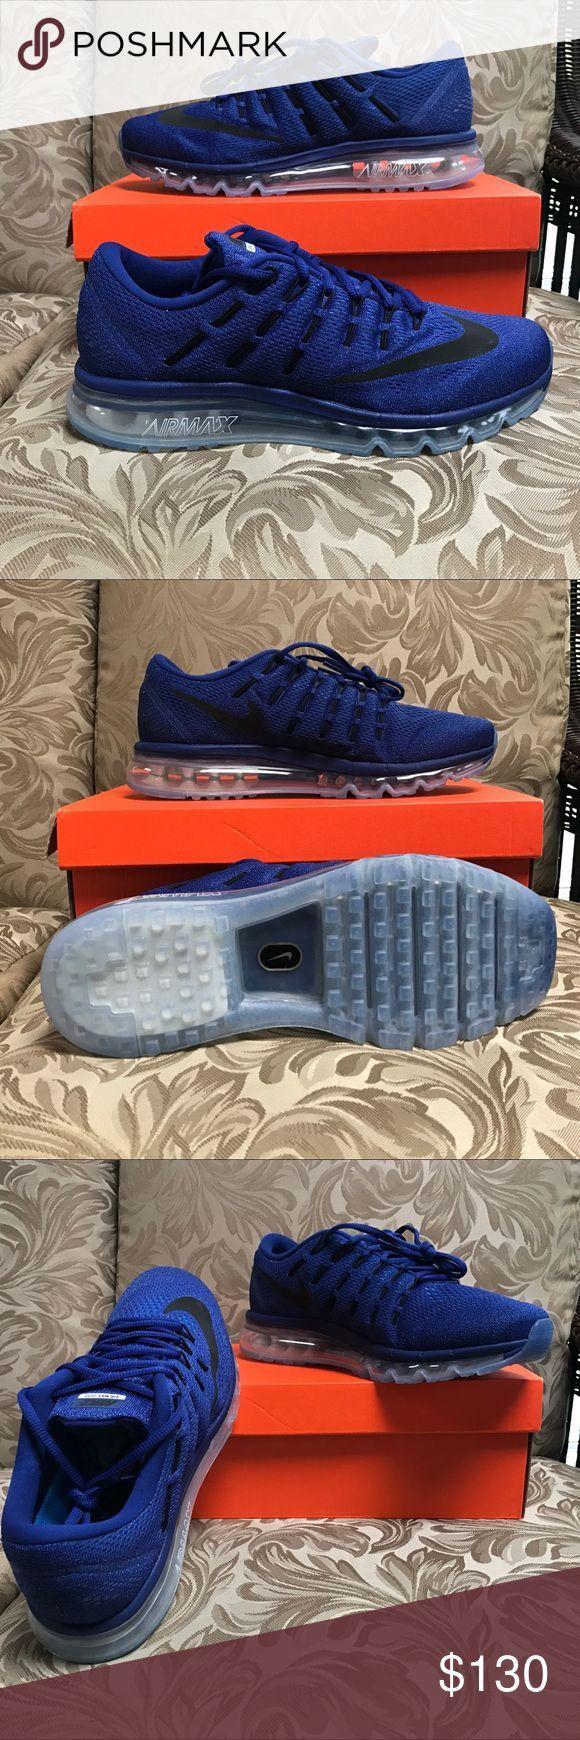 vente chaude en ligne 753f3 580ba Nike Air Max 2016 Brand: Nike Style: Nike Air Max 2016 ...